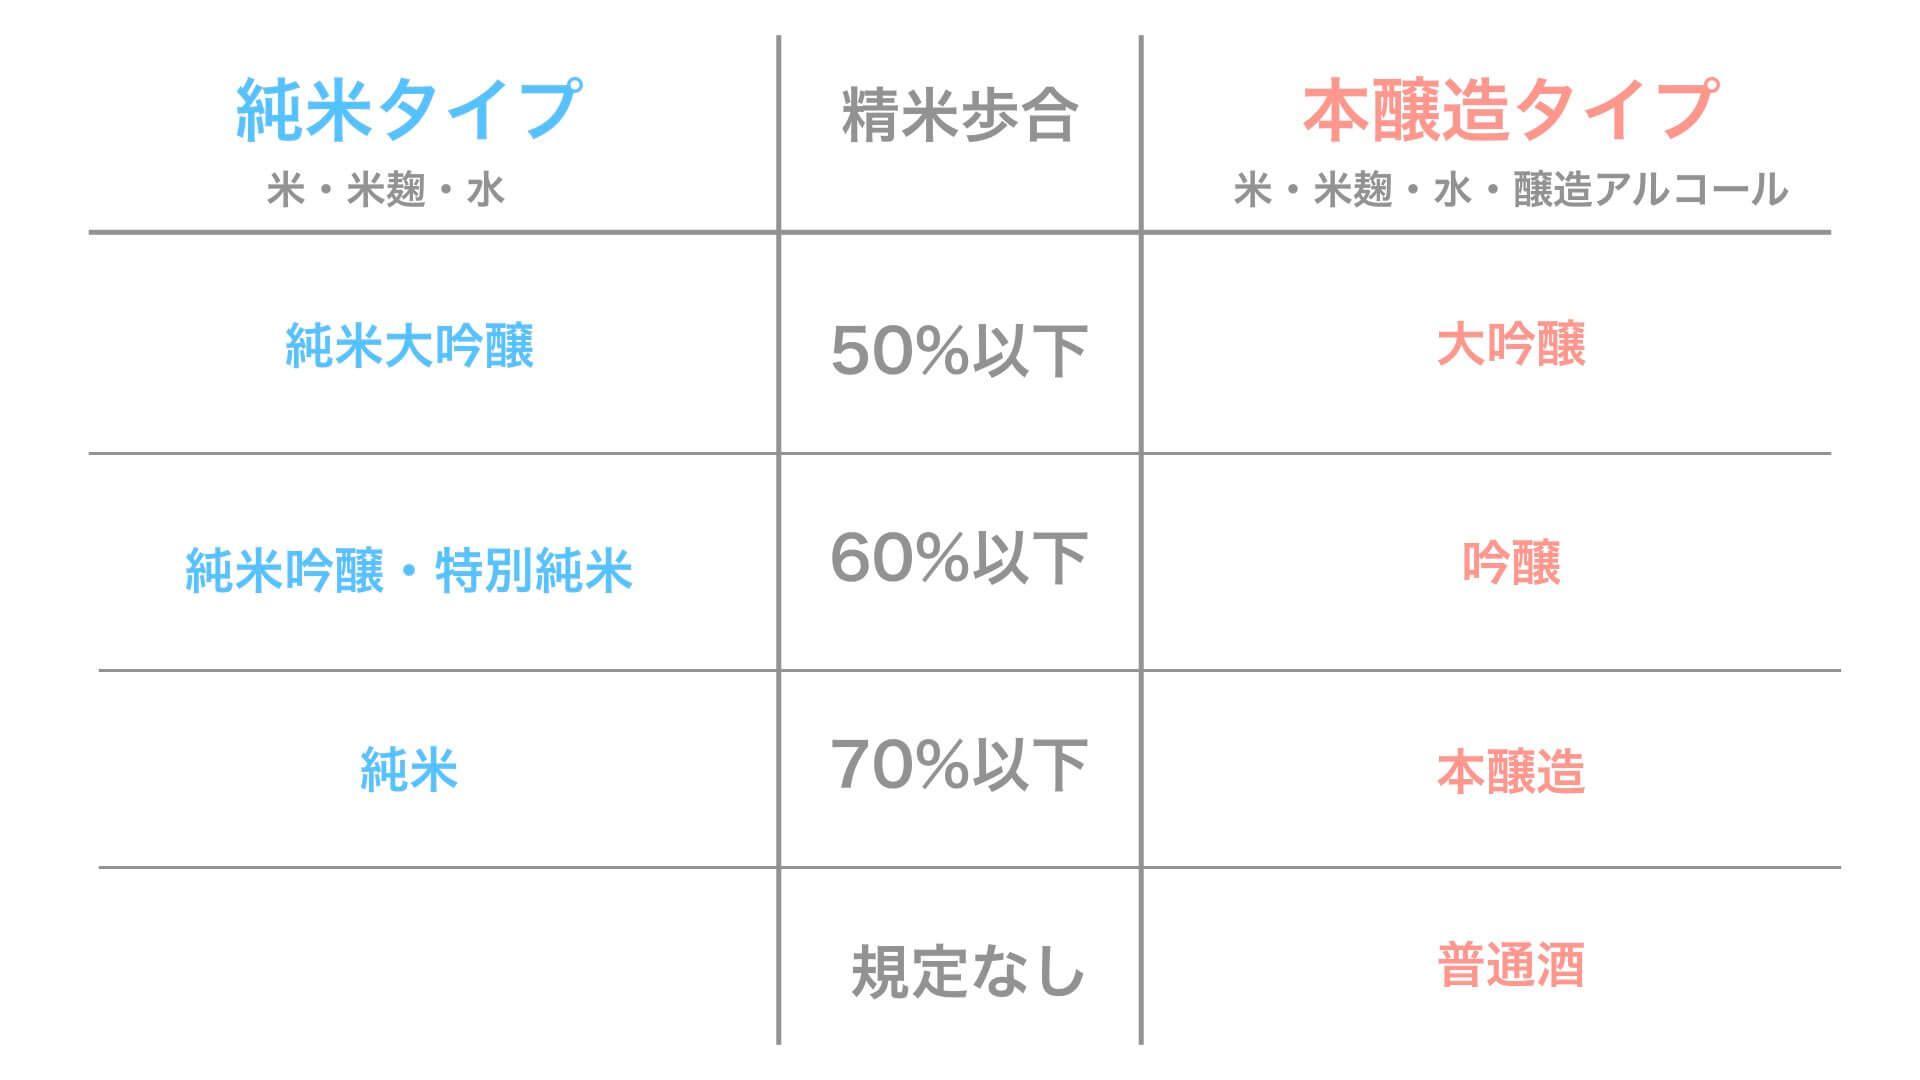 日本酒の分類一覧表(純米・吟醸・本醸造・普通酒・純米大吟醸)